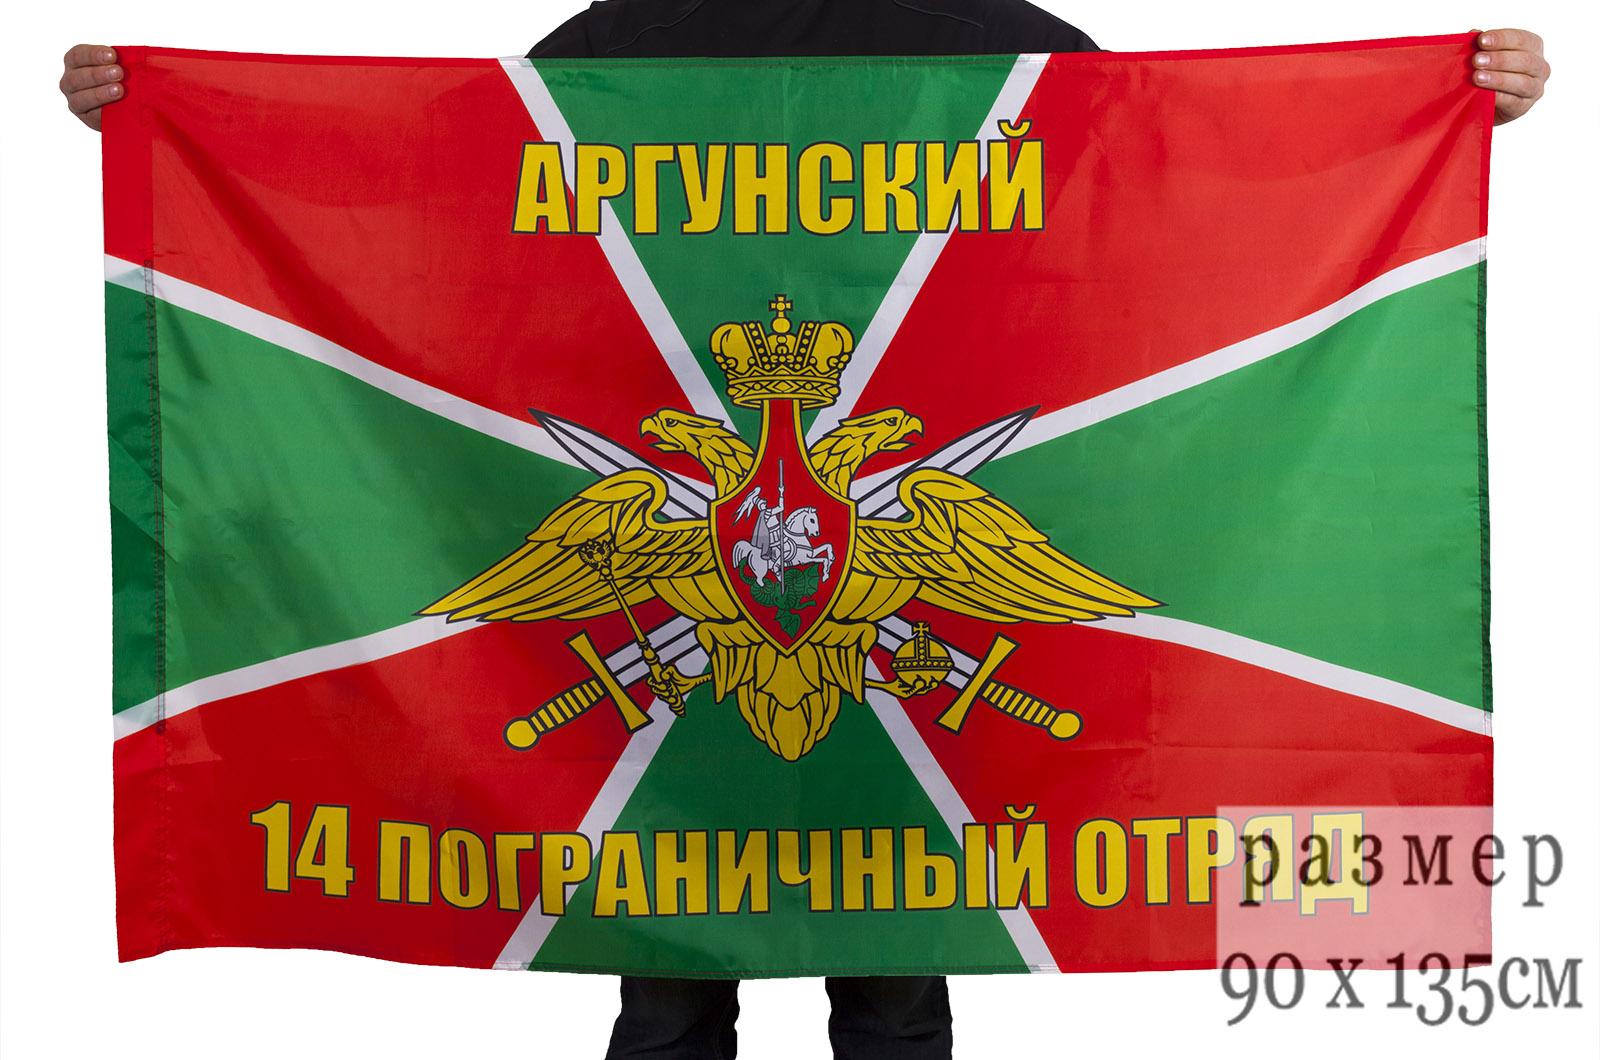 Купить флаг Аргунский пограничный отряд